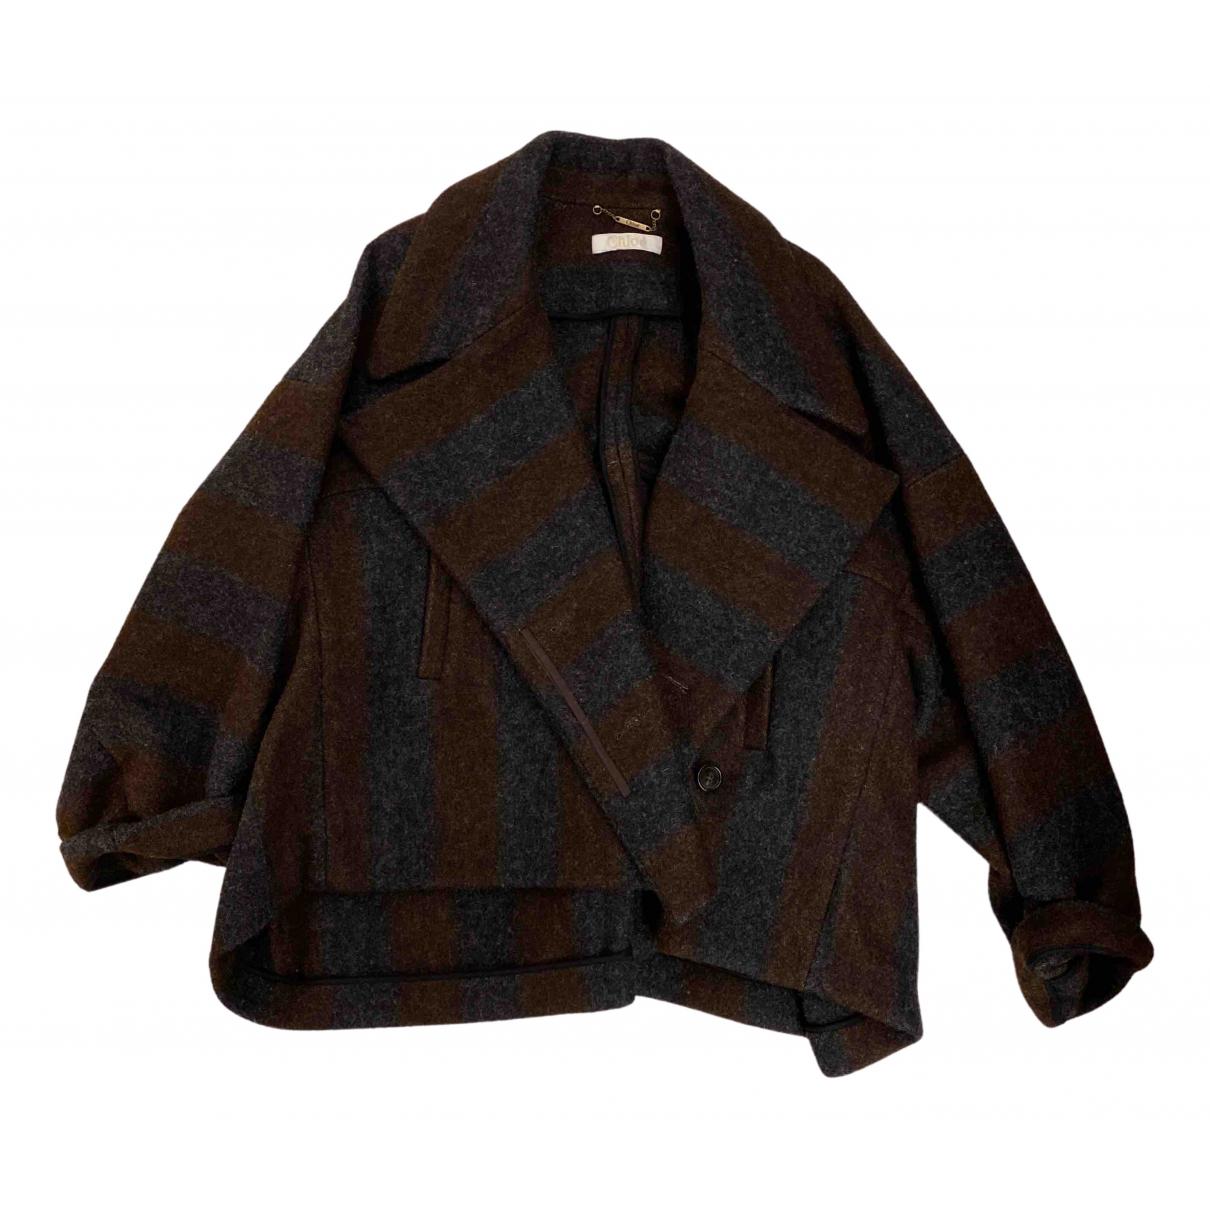 Chloe - Manteau   pour femme en laine - multicolore